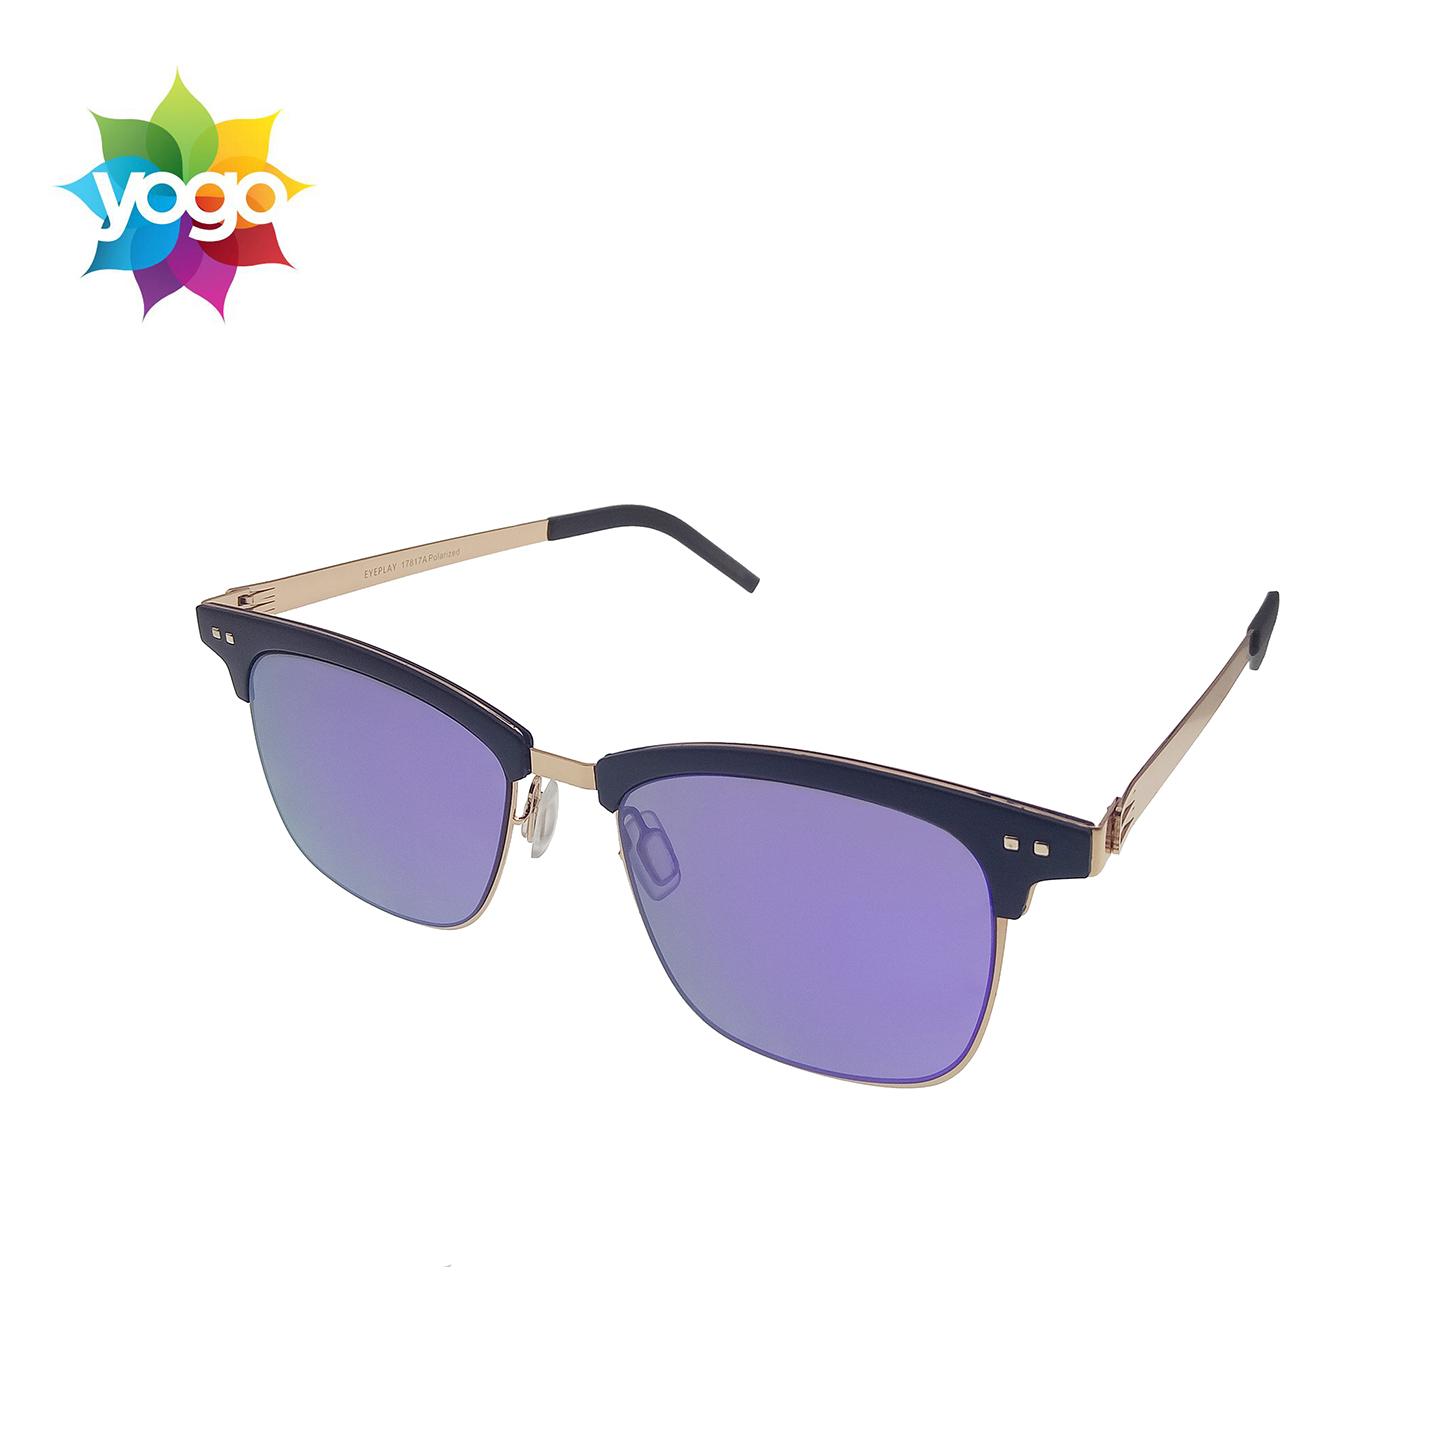 3614a961f80 The fashionable xiamen purple sunglasses 2019 women small semi rimless  sunglasses